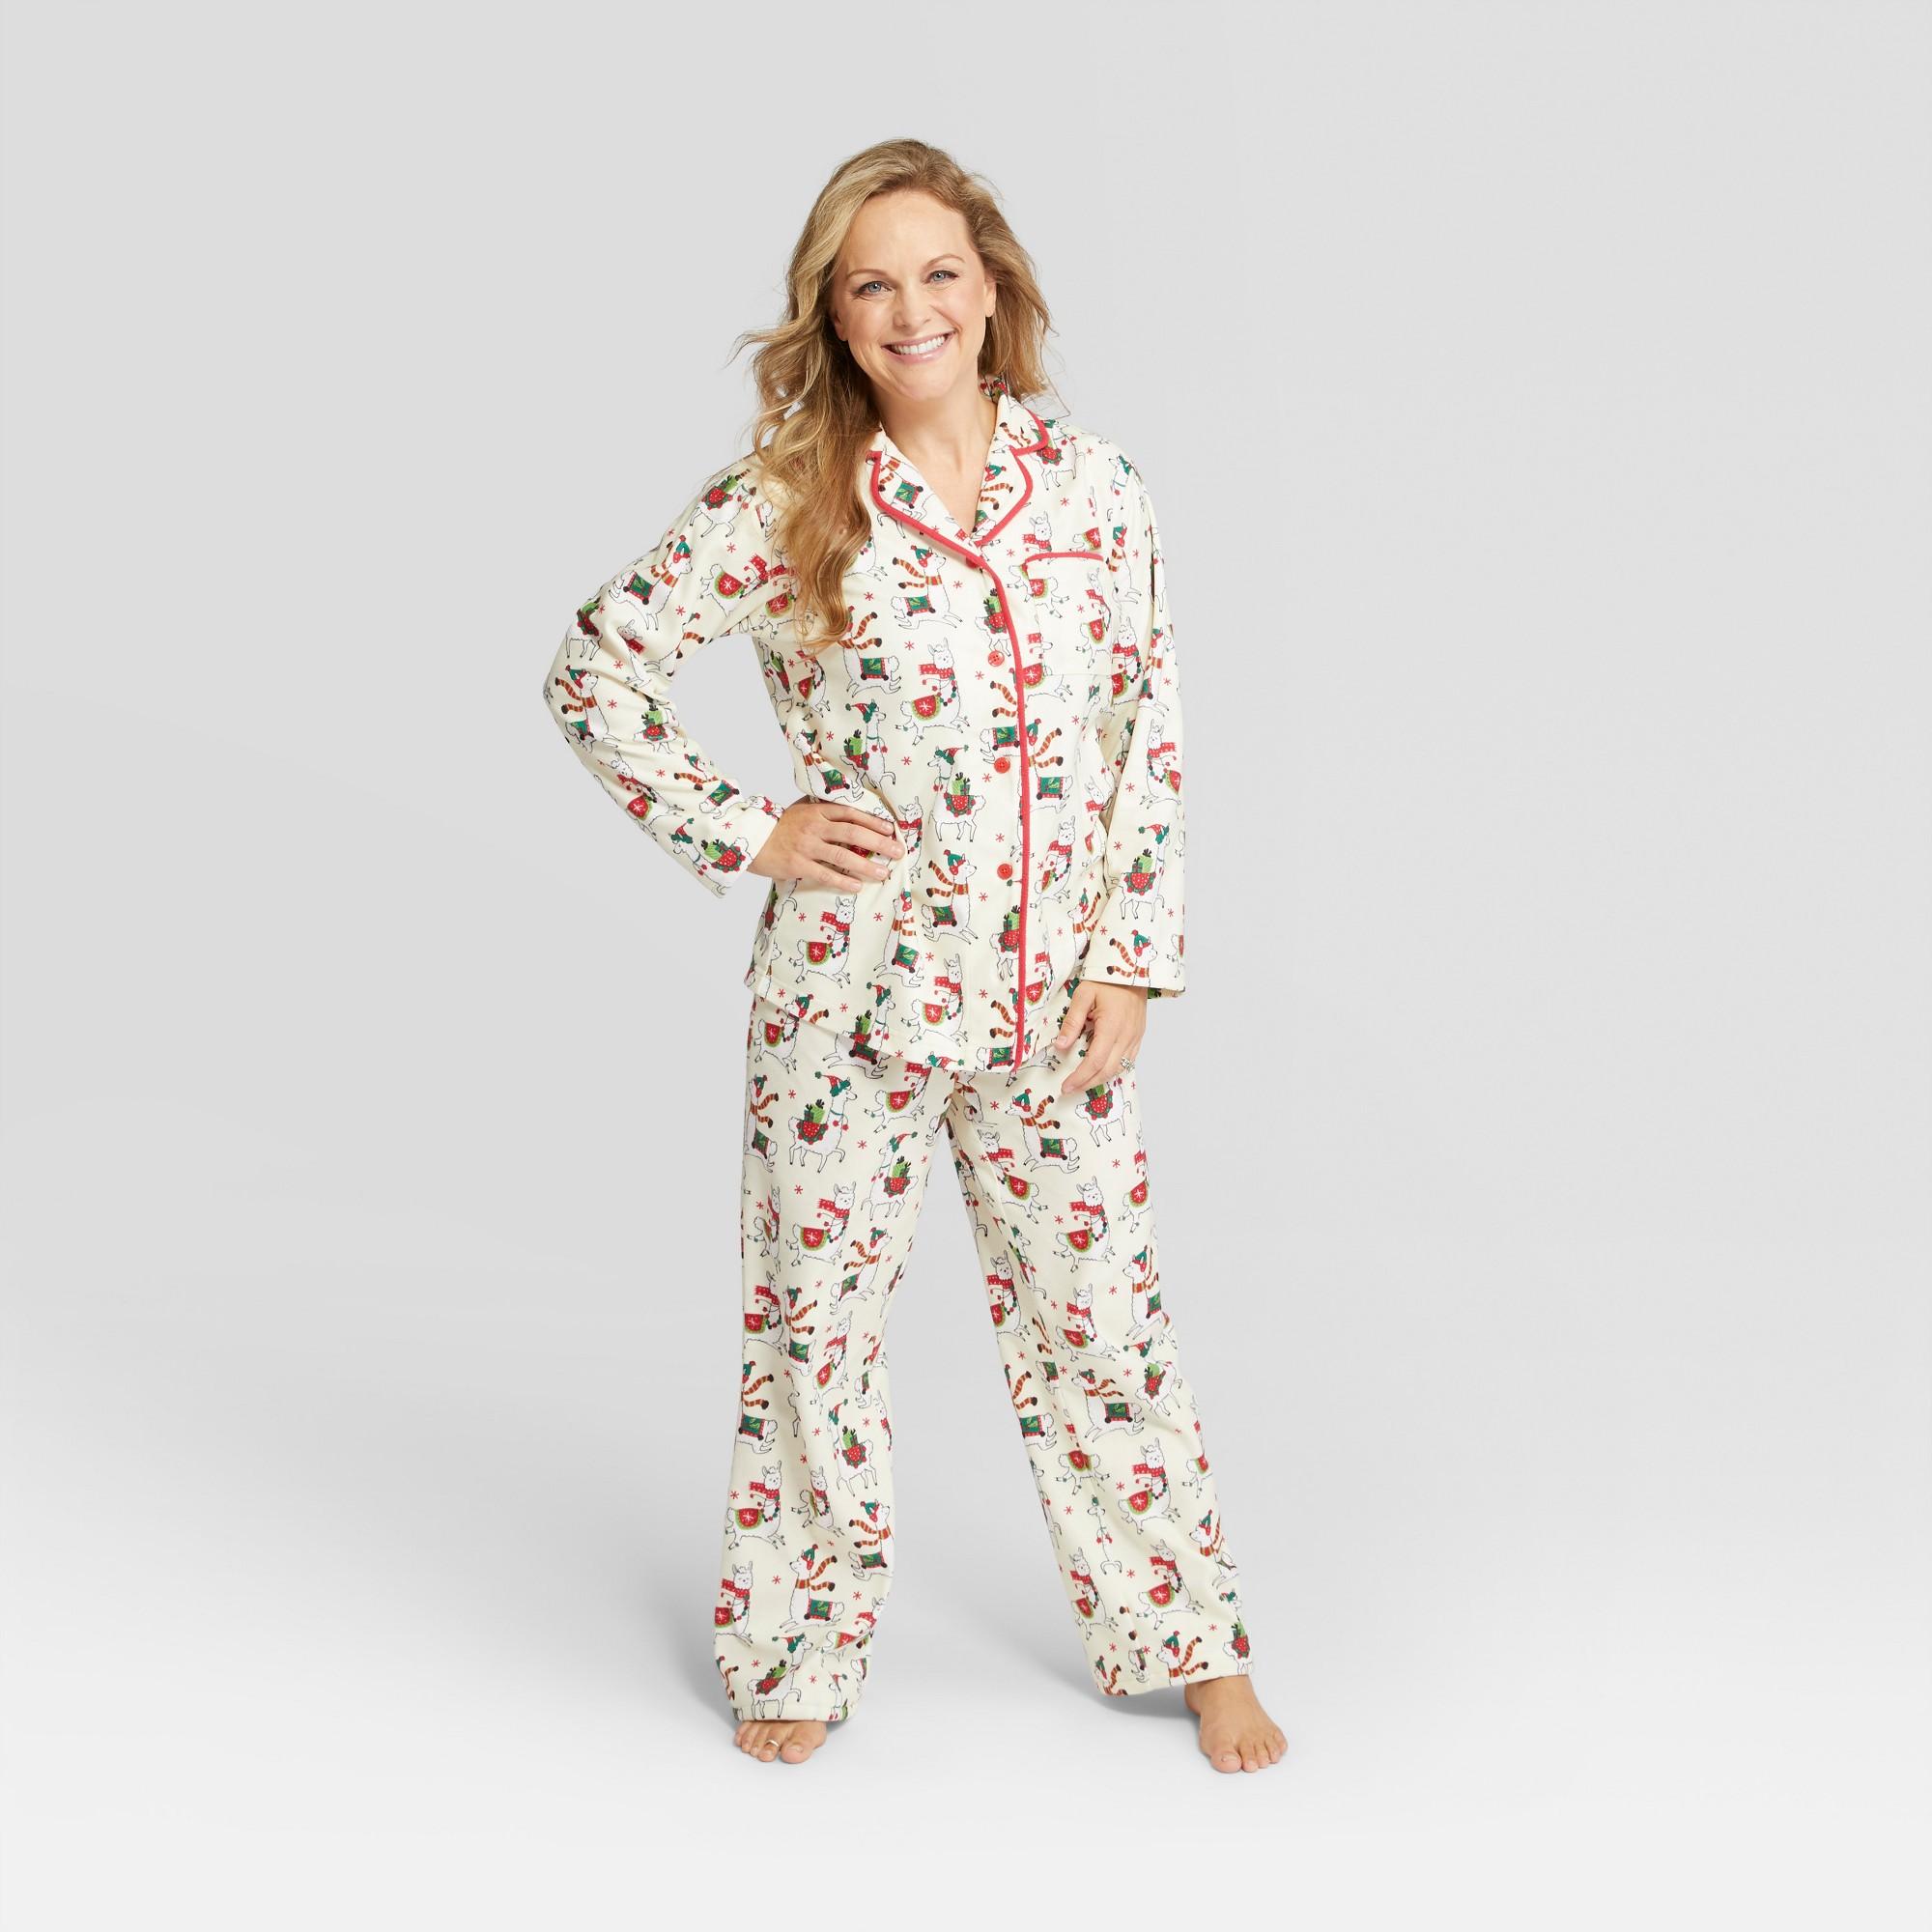 f1a8ede53a Nite Nite Munki Munki Women s Holiday Llama Notch Collar Pajama Set - Ivory  2XL